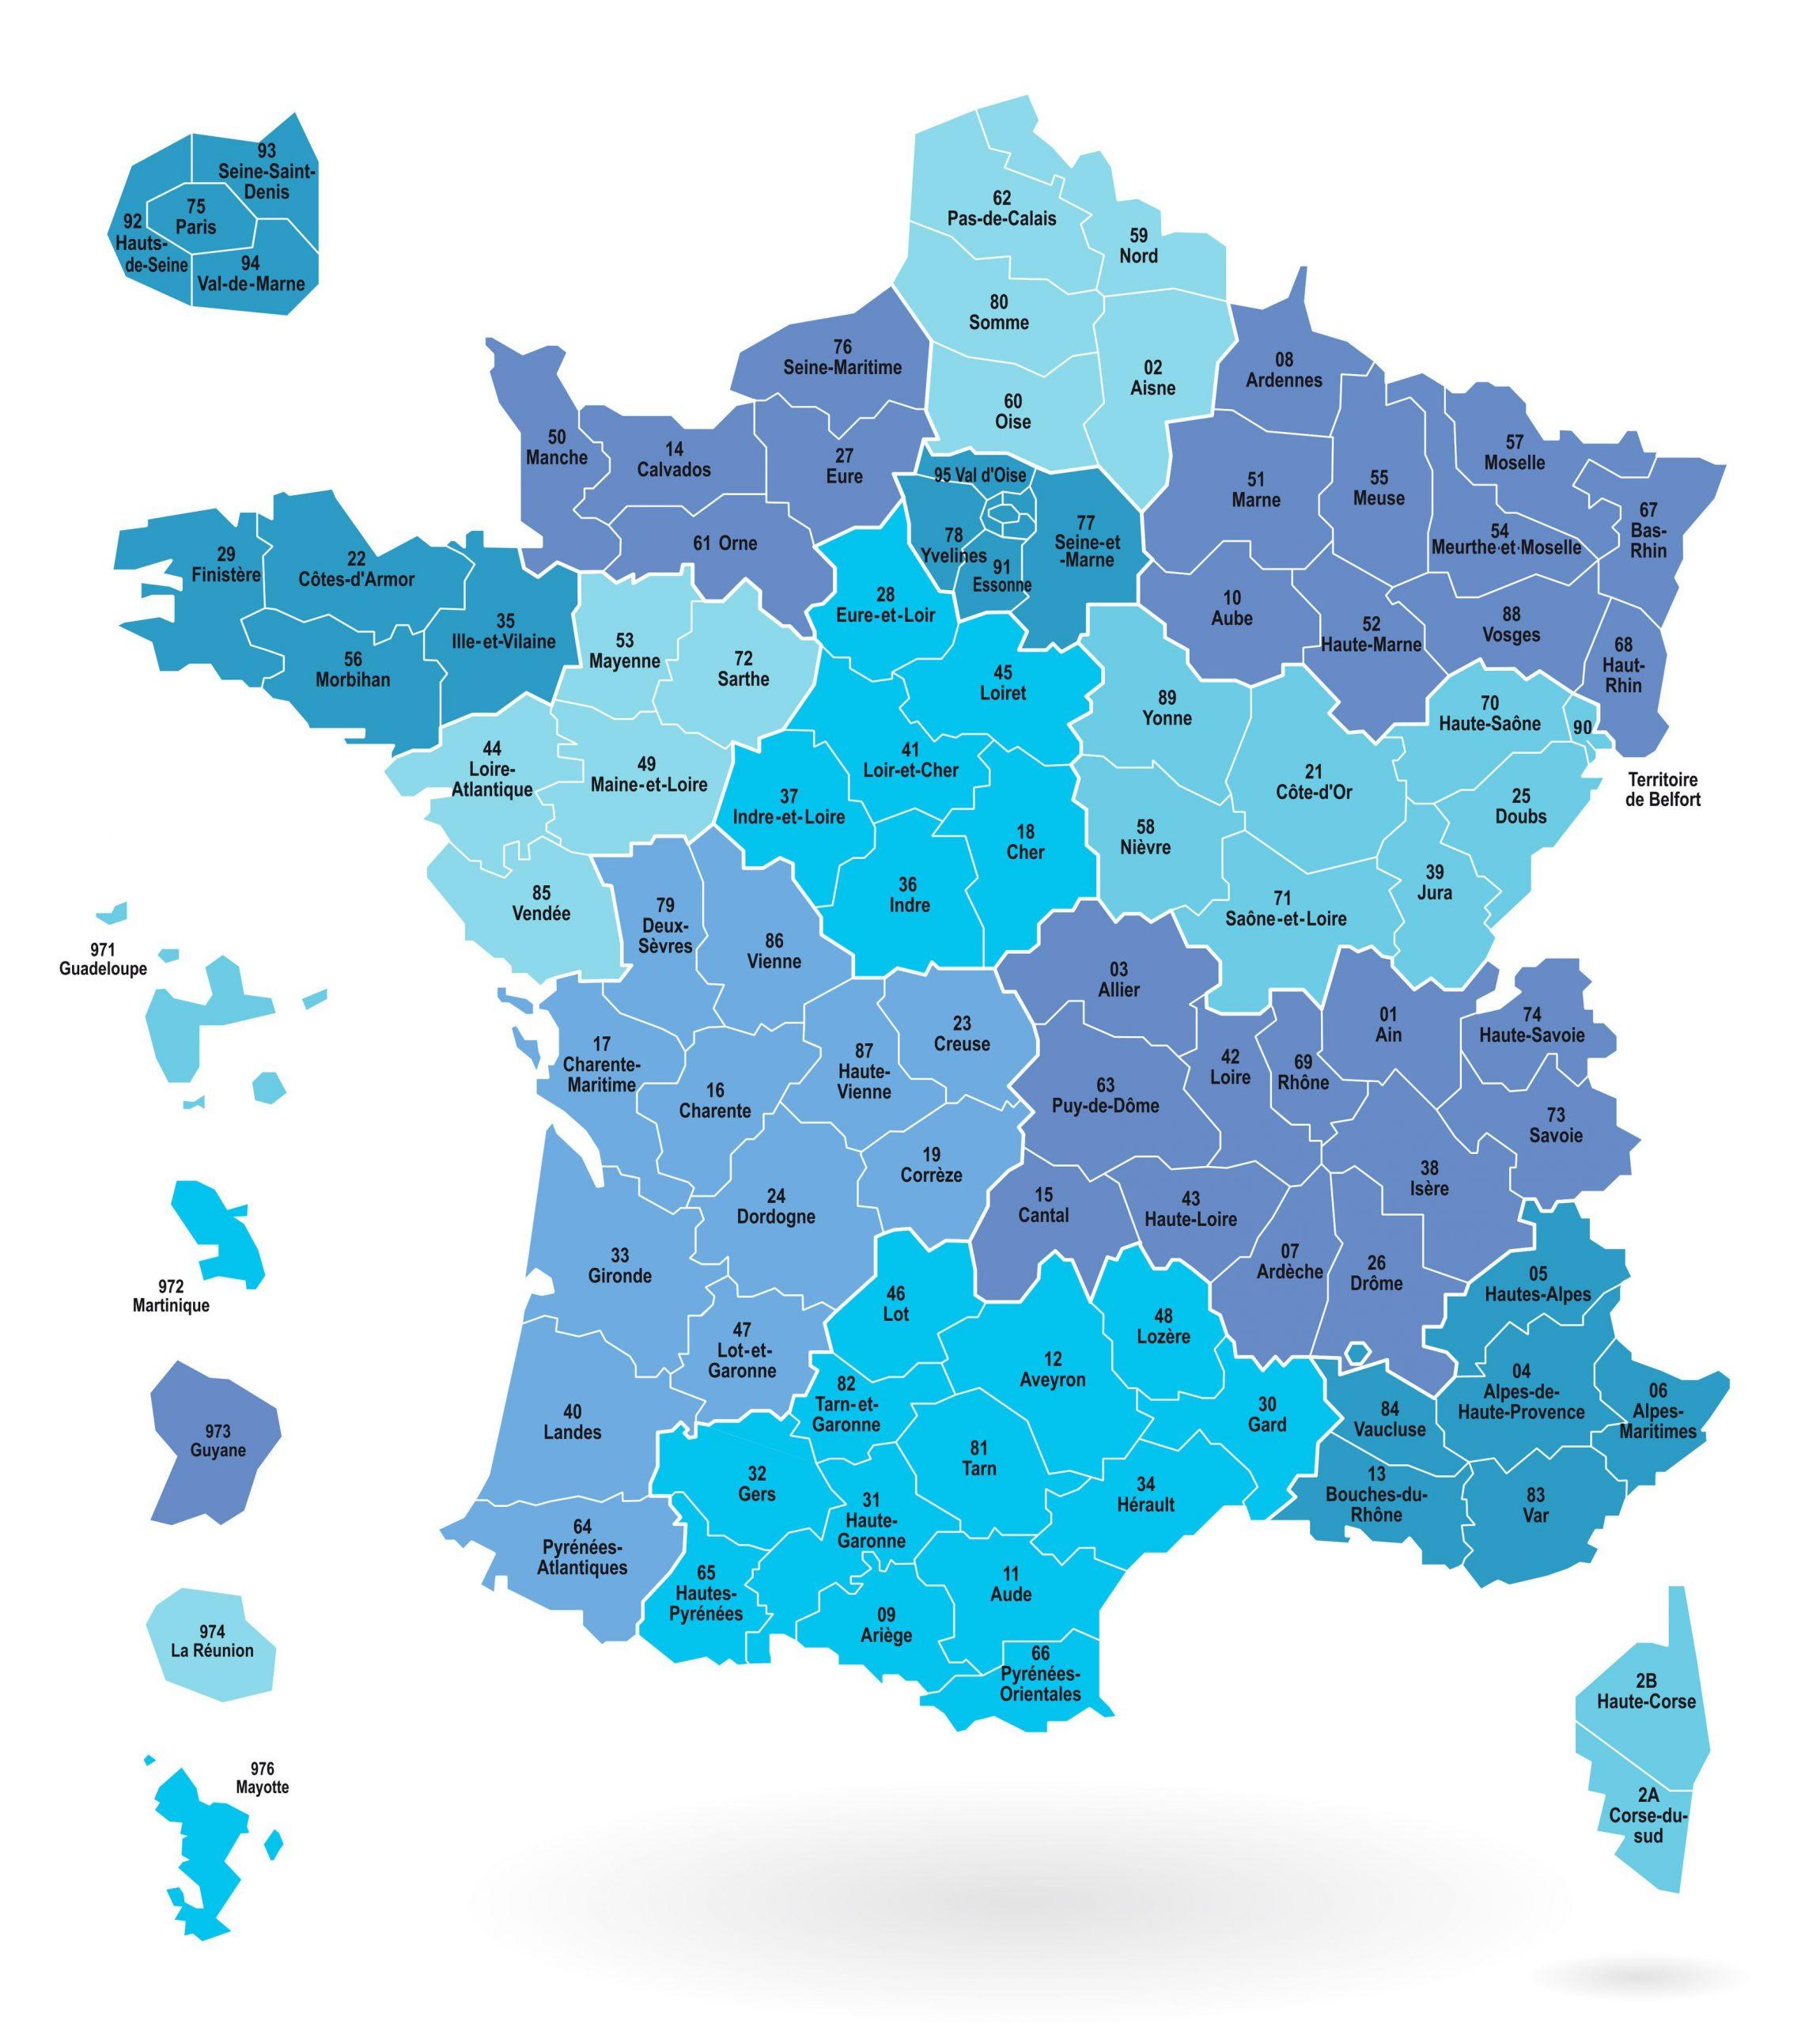 Cartes Des Départements Et Régions De La France - Cartes De serapportantà Les Nouvelles Régions De France Et Leurs Départements